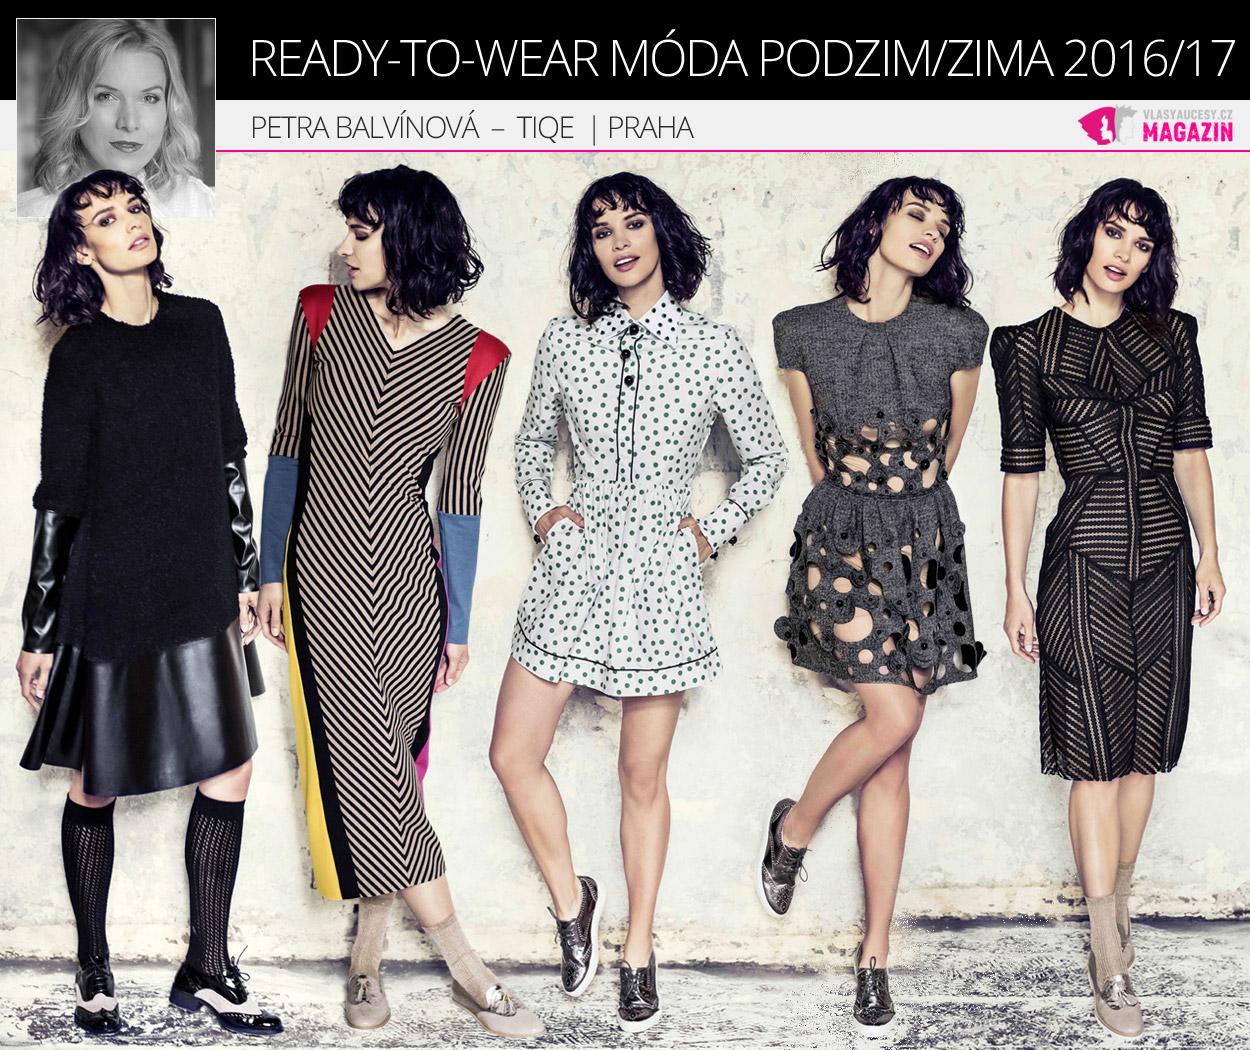 Ready-to-wear móda podzim/zima 2016/17 v podání Petry Balvínové a značky TIQE.